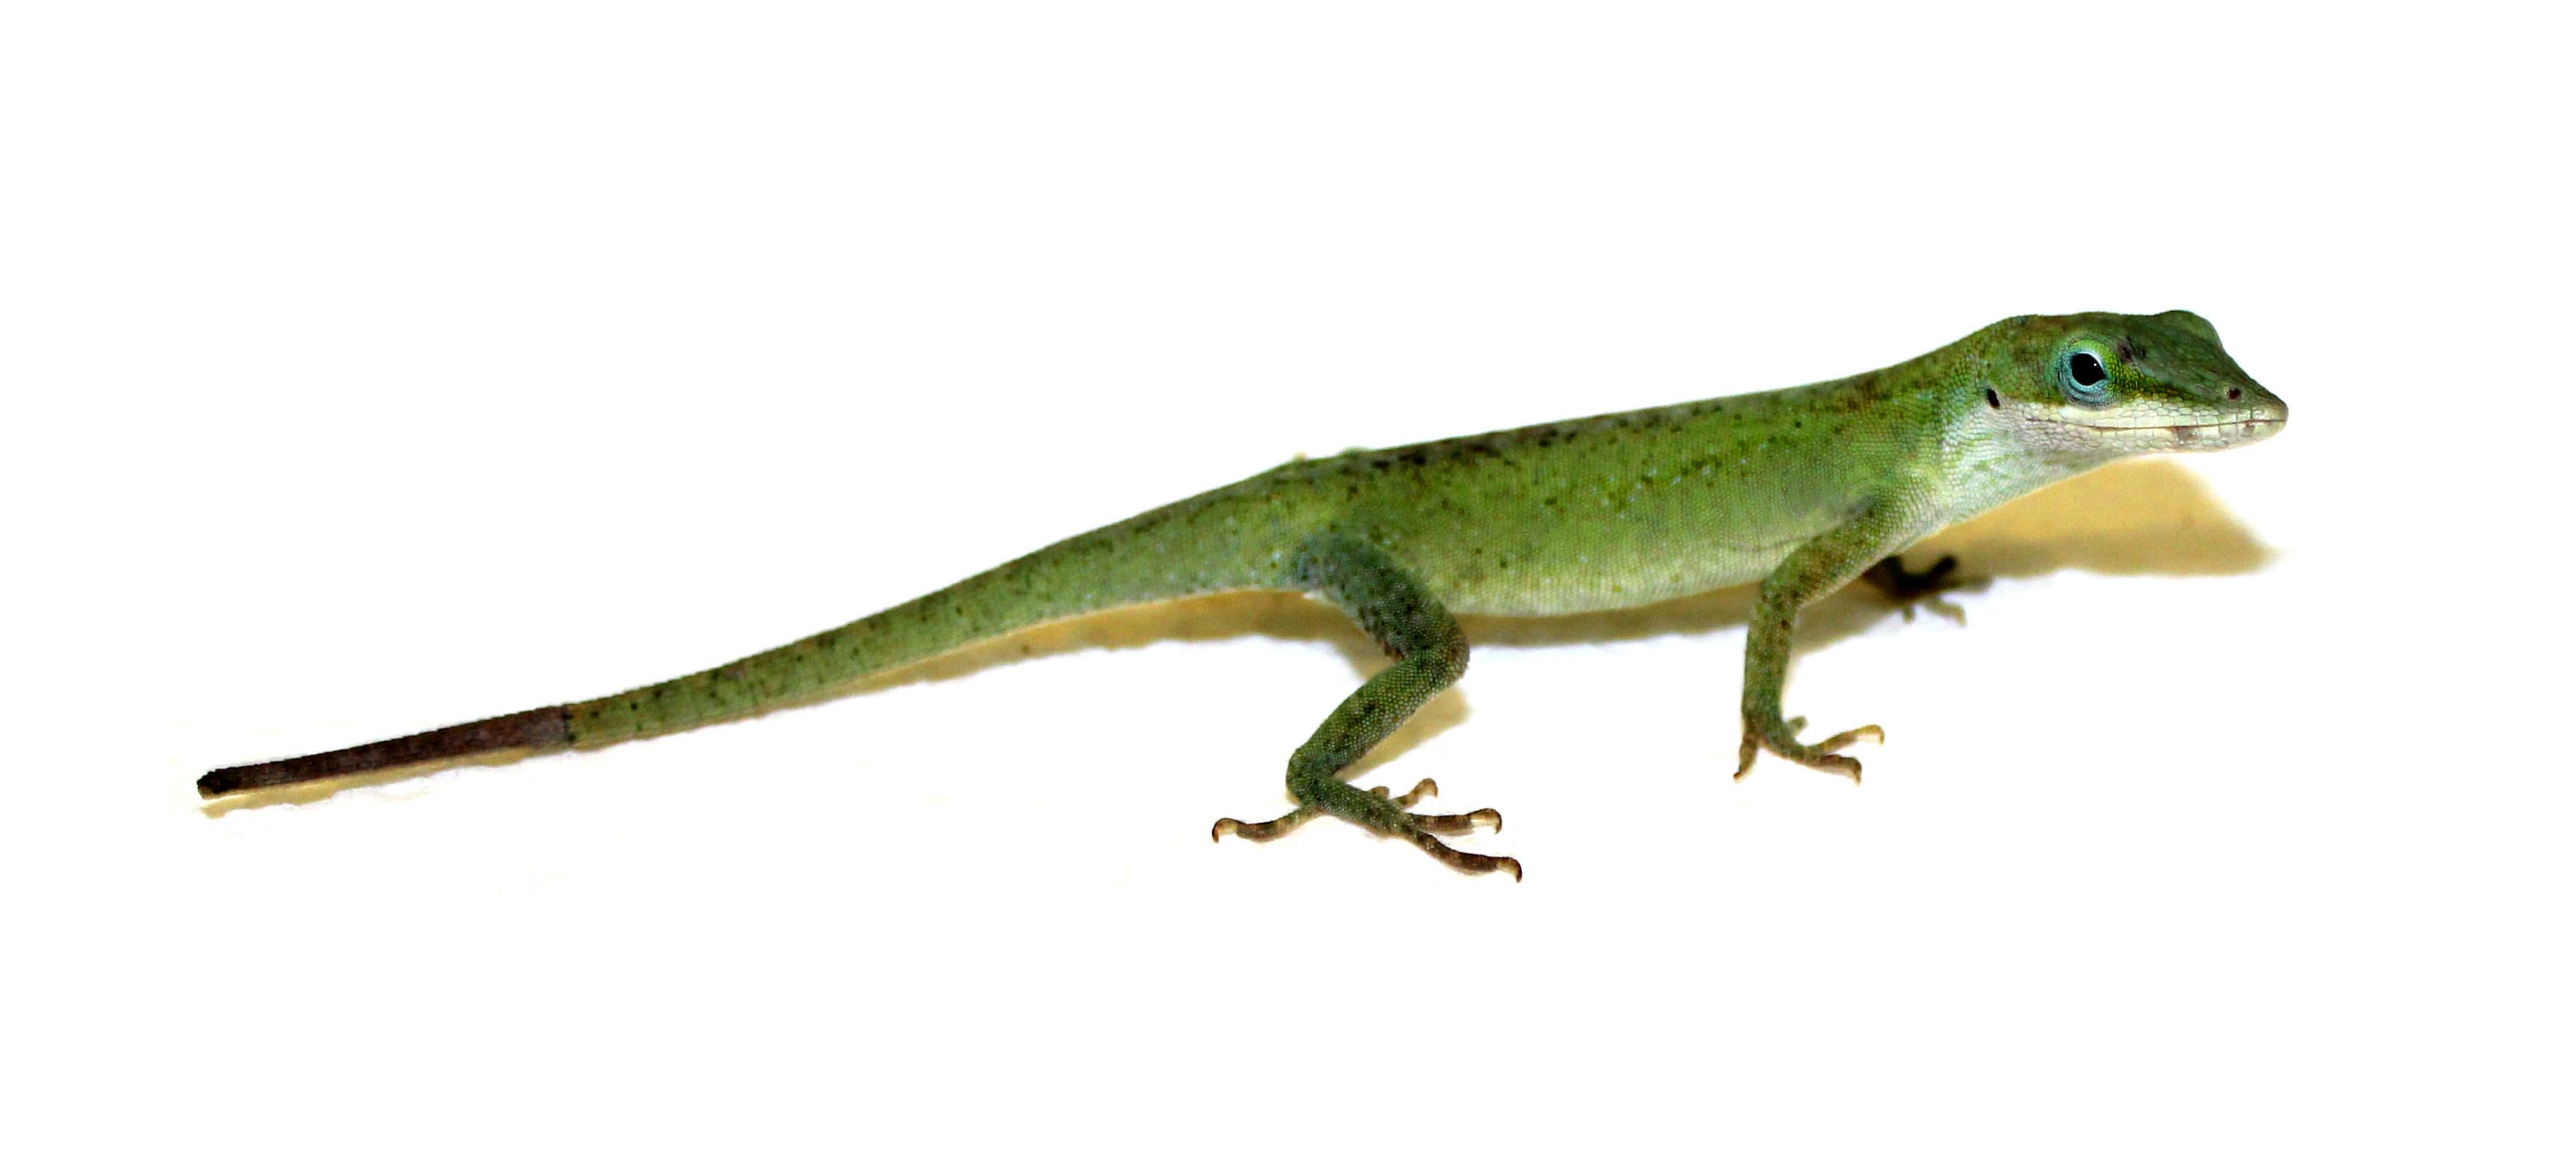 O specie de şopârlă verde, Anolis carolinensis, îşi regenerează coada, după ce aceasta este desprinsă de corp în momentul în care animalul este atacat de un prădător